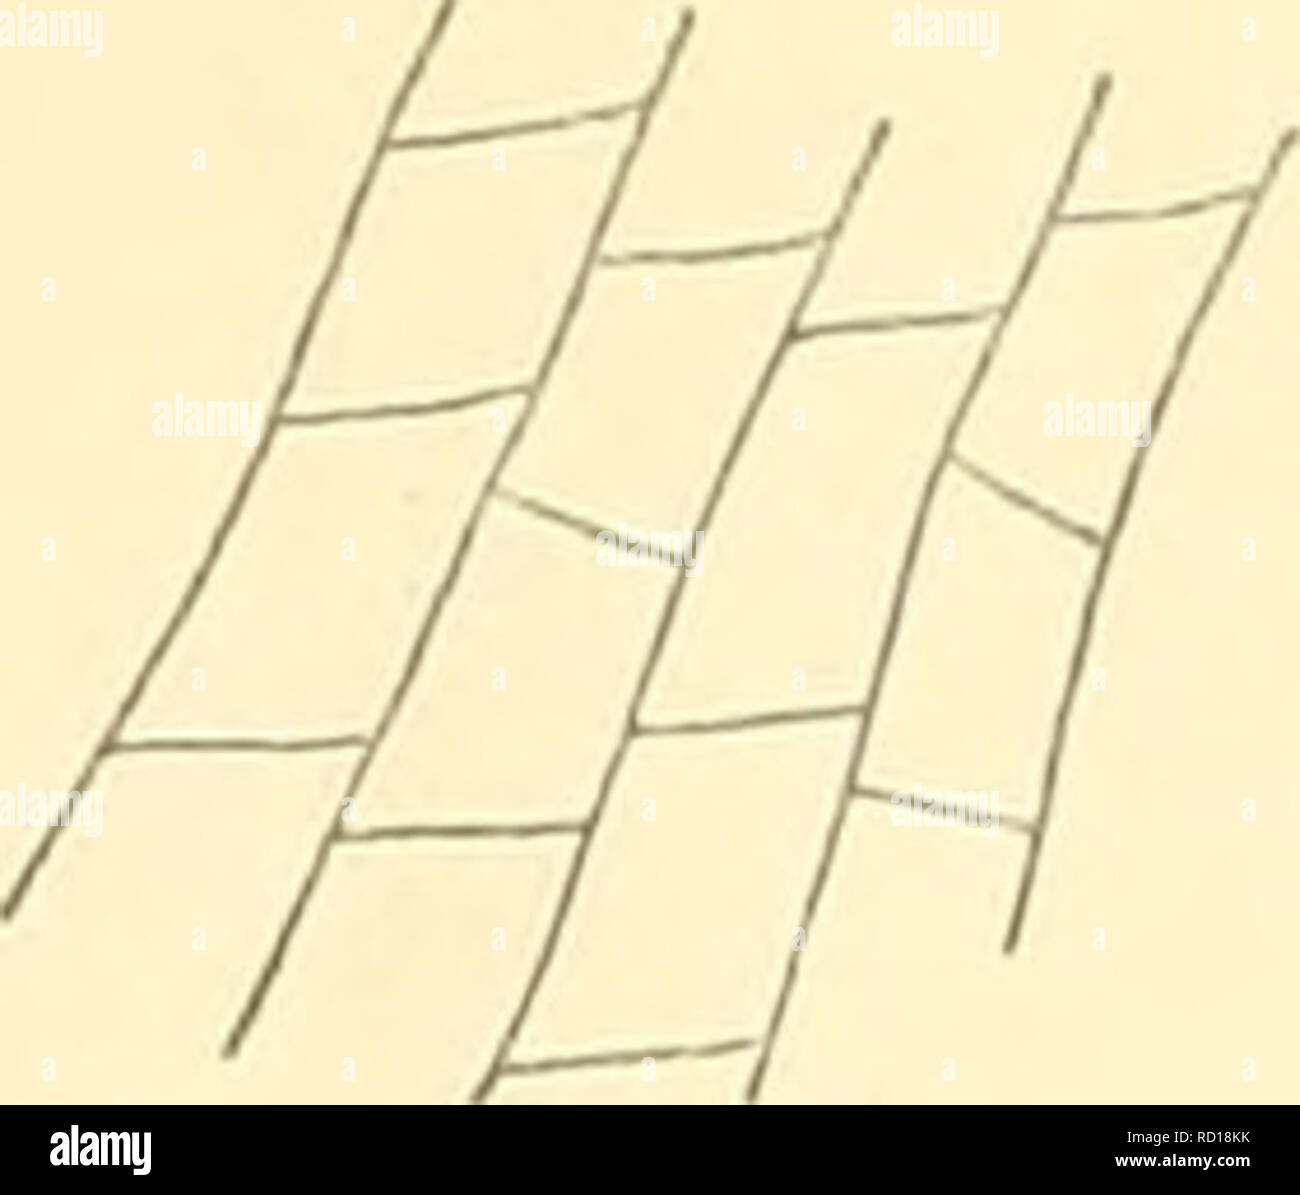 . Denkschriften der Kaiserlichen Akademie der Wissenschaften, Mathematisch-Naturwissenschaftliche Classe. (Citaki, Tidza oder Catak) liegen in diesem Gebiete. Die Schichten sind meist ganz flach gelagert, zeigen die durch auf die Schichtfläehen normalstehende Absonderungen entstehenden eigenthümlichen Erscheinungsformen eines natür- lichen Pflasters und bilden zugleich die elendesten Wegstrecken. Die Mergel nehmen vielfach ganz das Aussehen von mürben Kreidemergeln an. Die Höhe bei Osmanbasar (Fig. 4) besteht ganz aus flach SSW einfallenden wohlgescliichteten Sandsteinen (1), die mit Mergeln ( - Stock Image